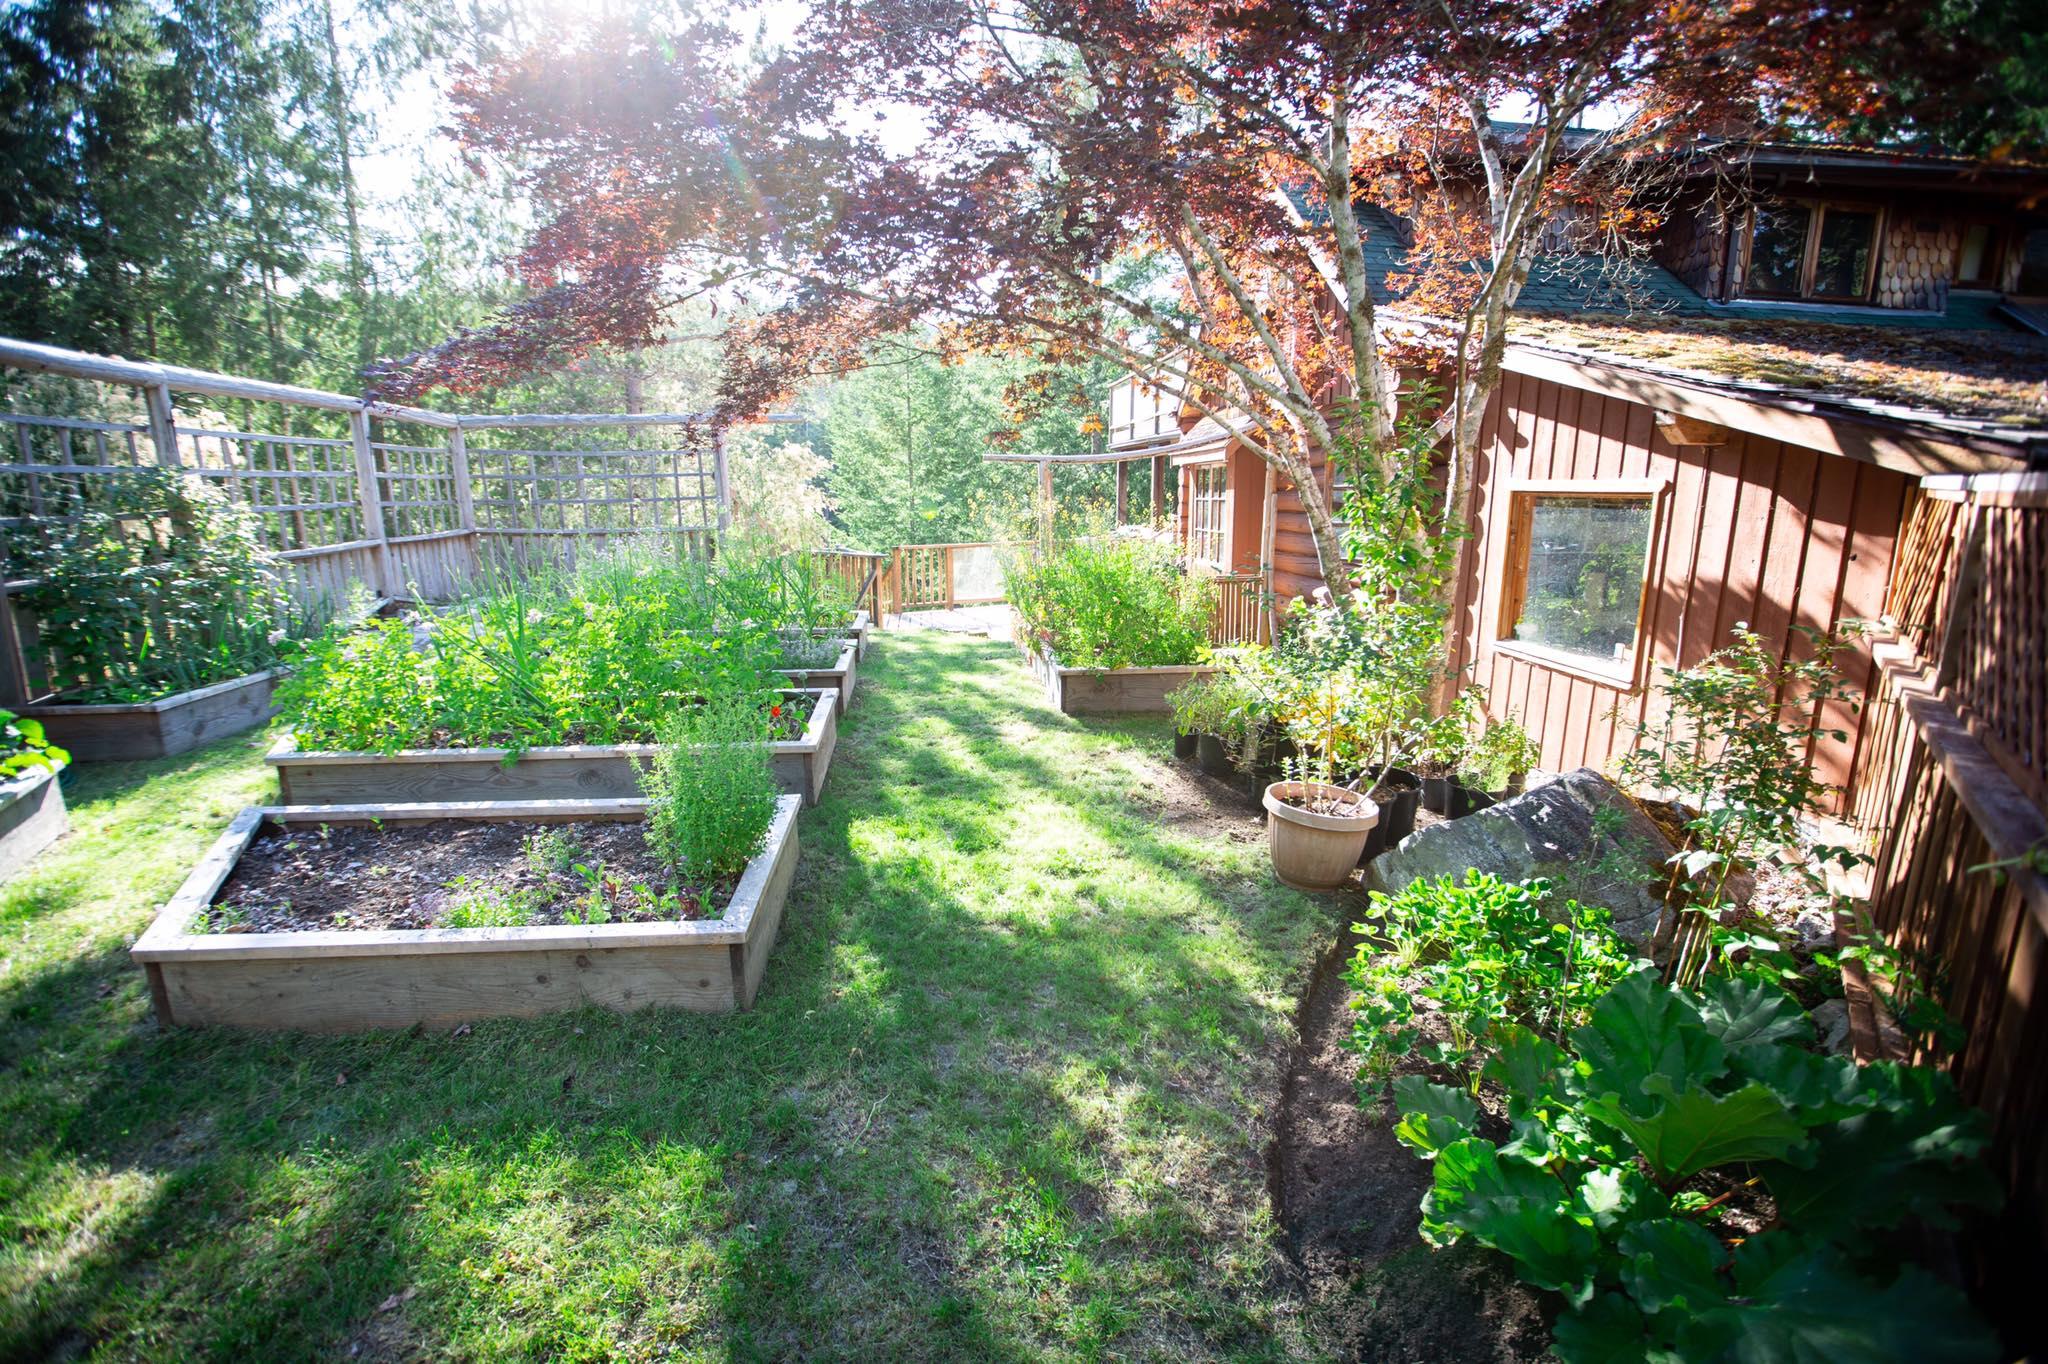 Cô gái xinh đẹp luôn tràn ngập năng lượng hạnh phúc khi trồng cả khu vườn toàn rau quả sạch-18